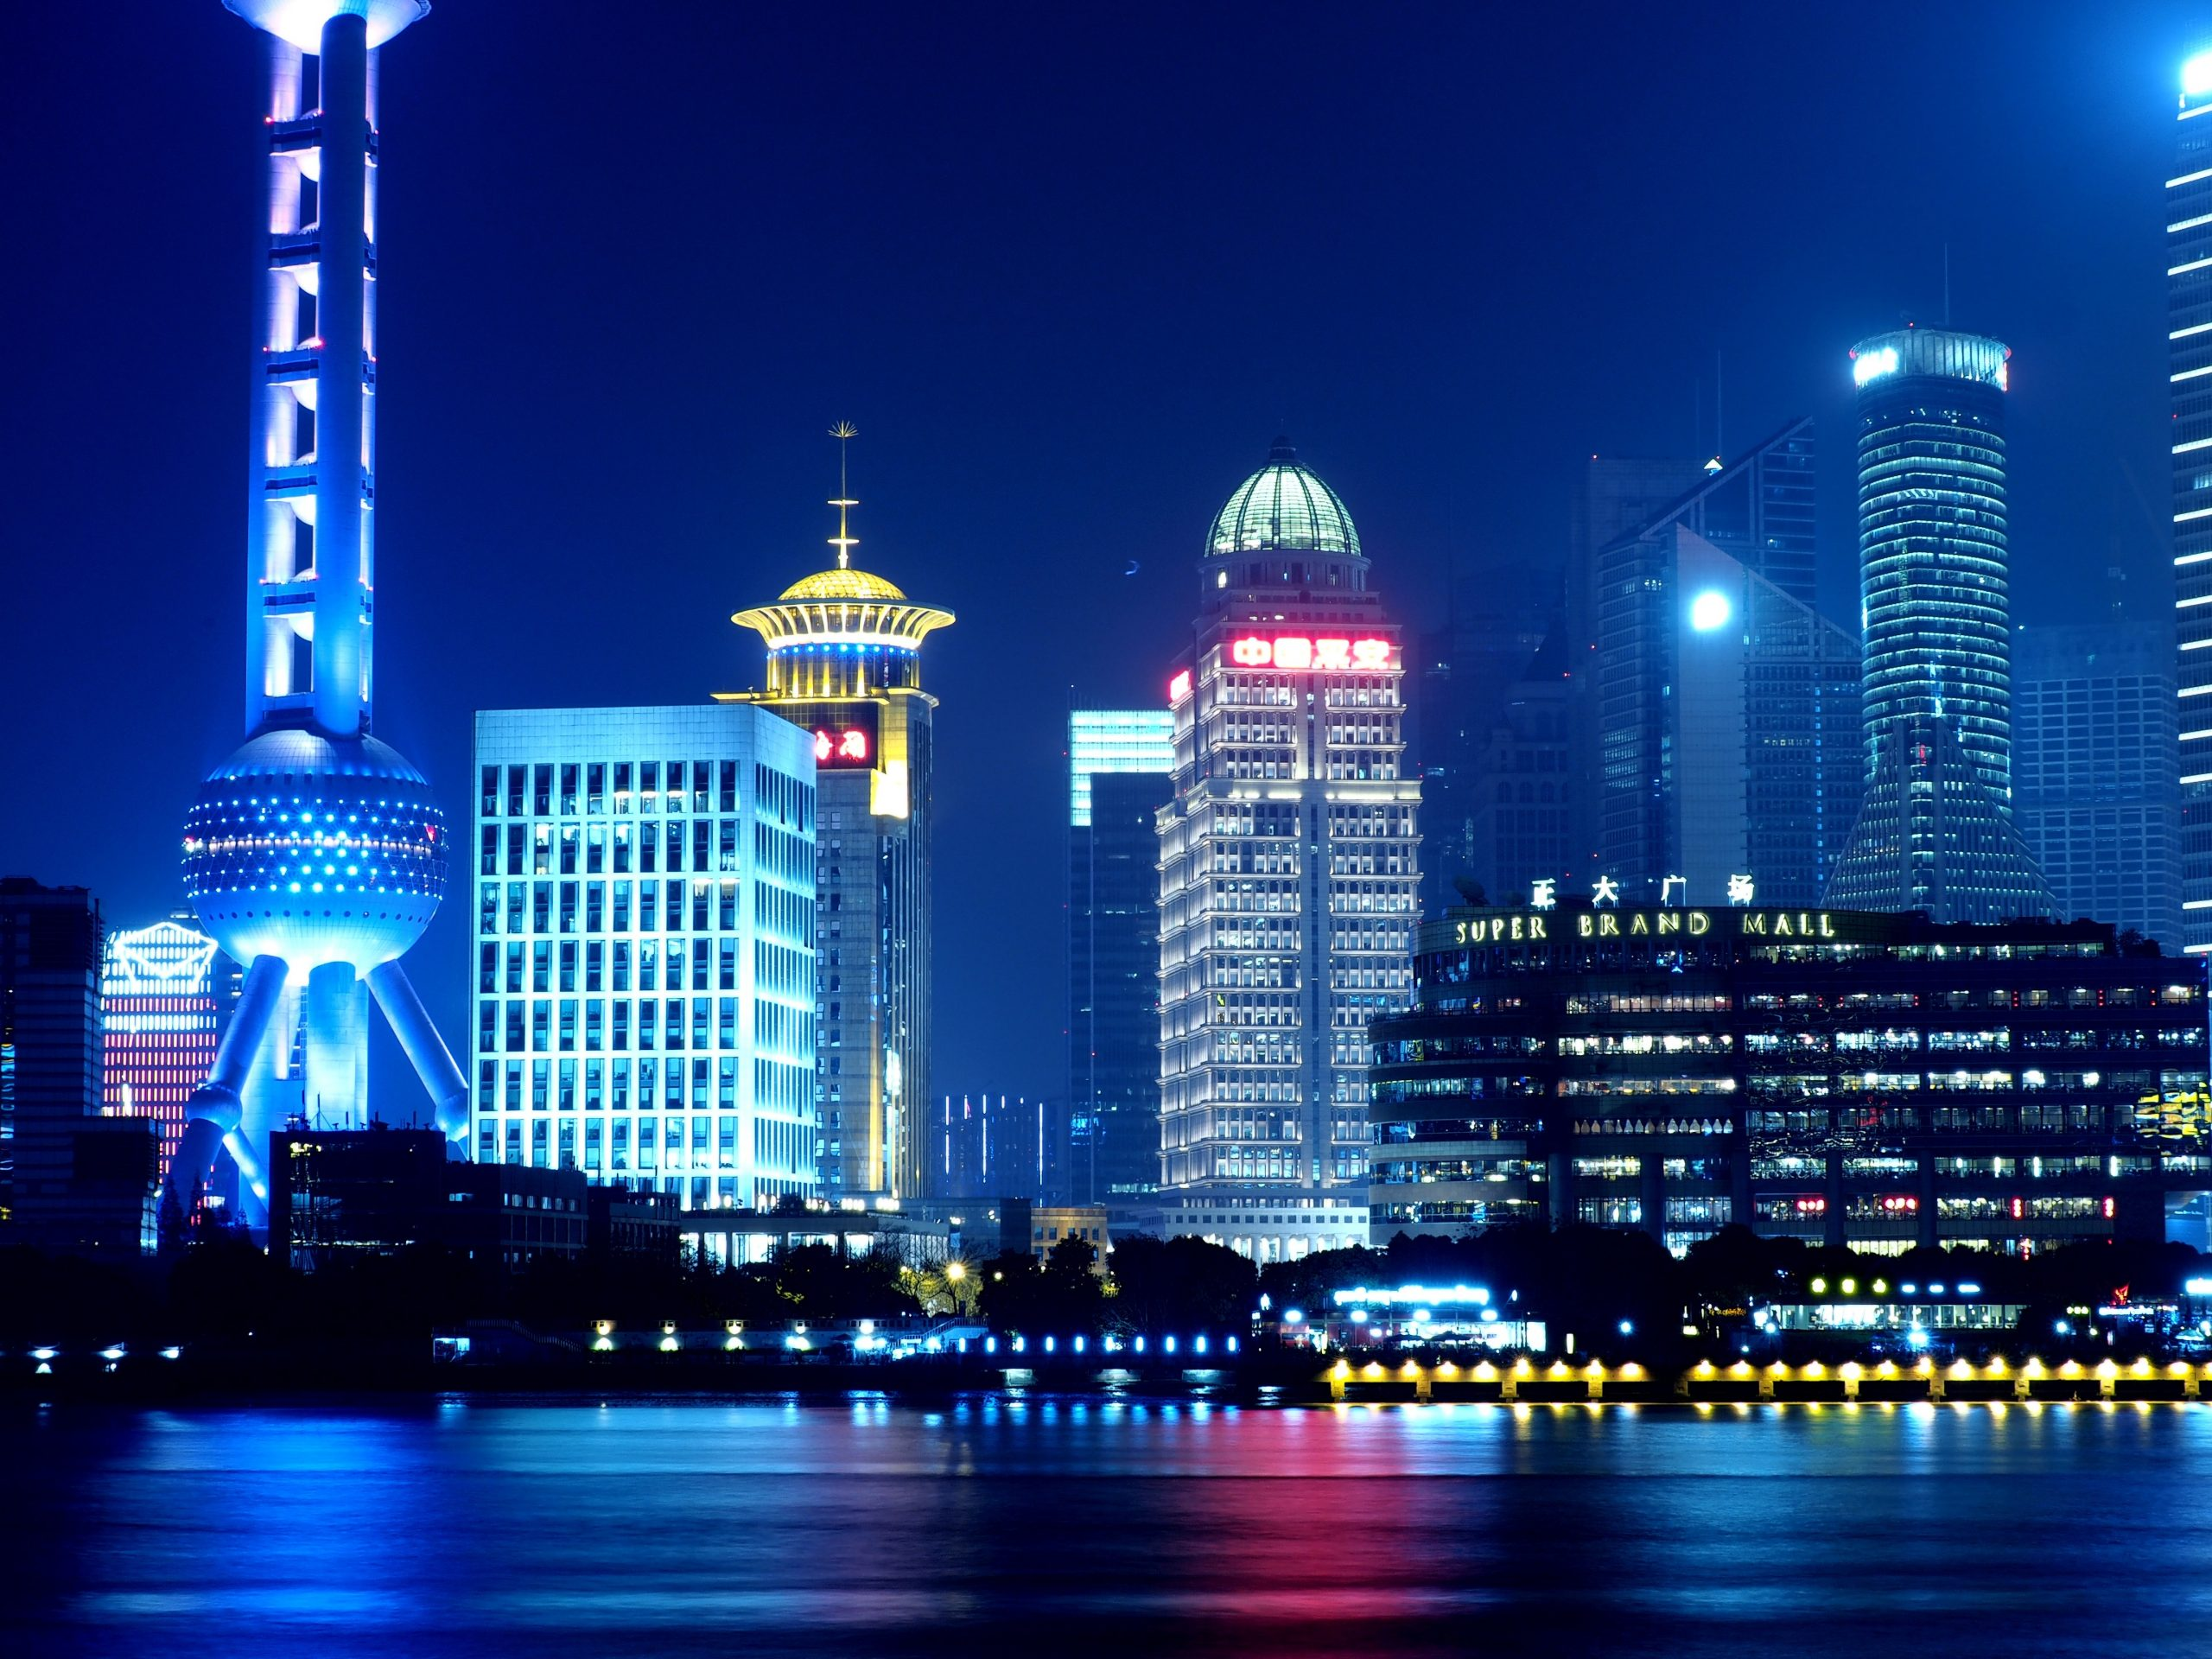 Les entreprises européennes craignent une « punition arbitraire » dans un contexte de tensions entre la Chine et l'Europe